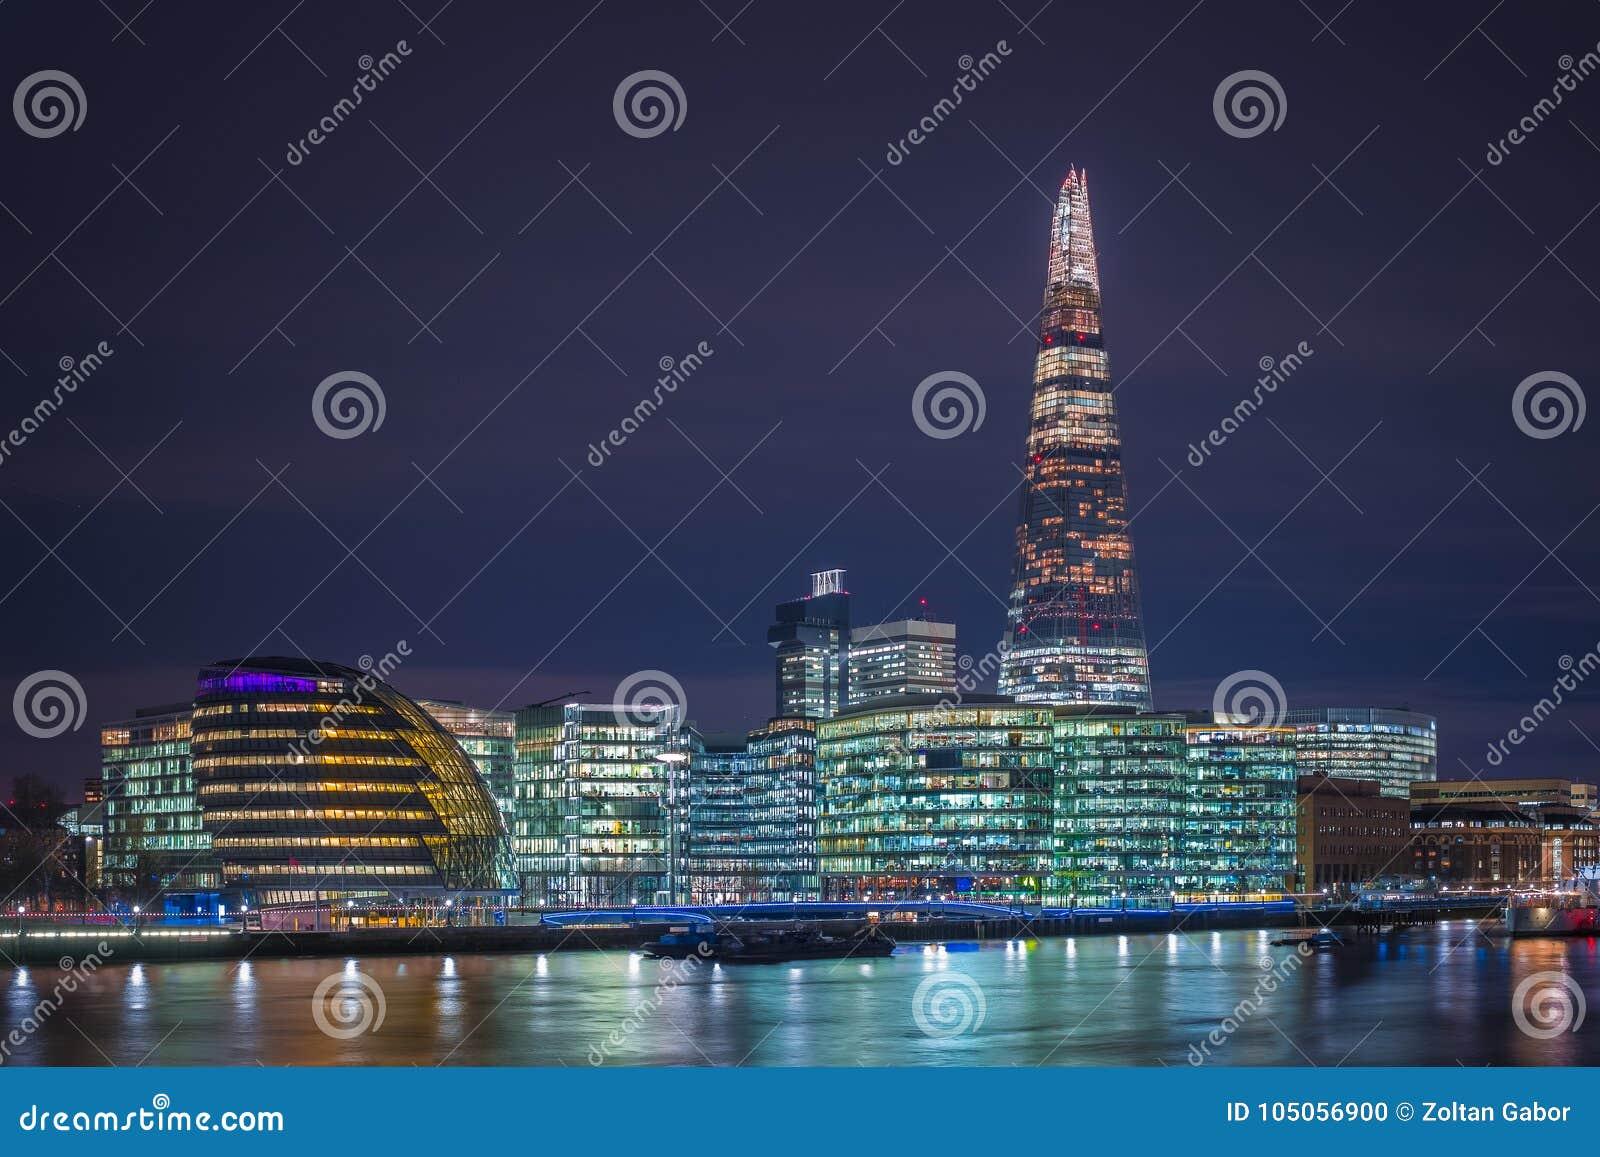 London, England - stadshus av London och kontor med den berömda skärvaskyskrapan vid natt